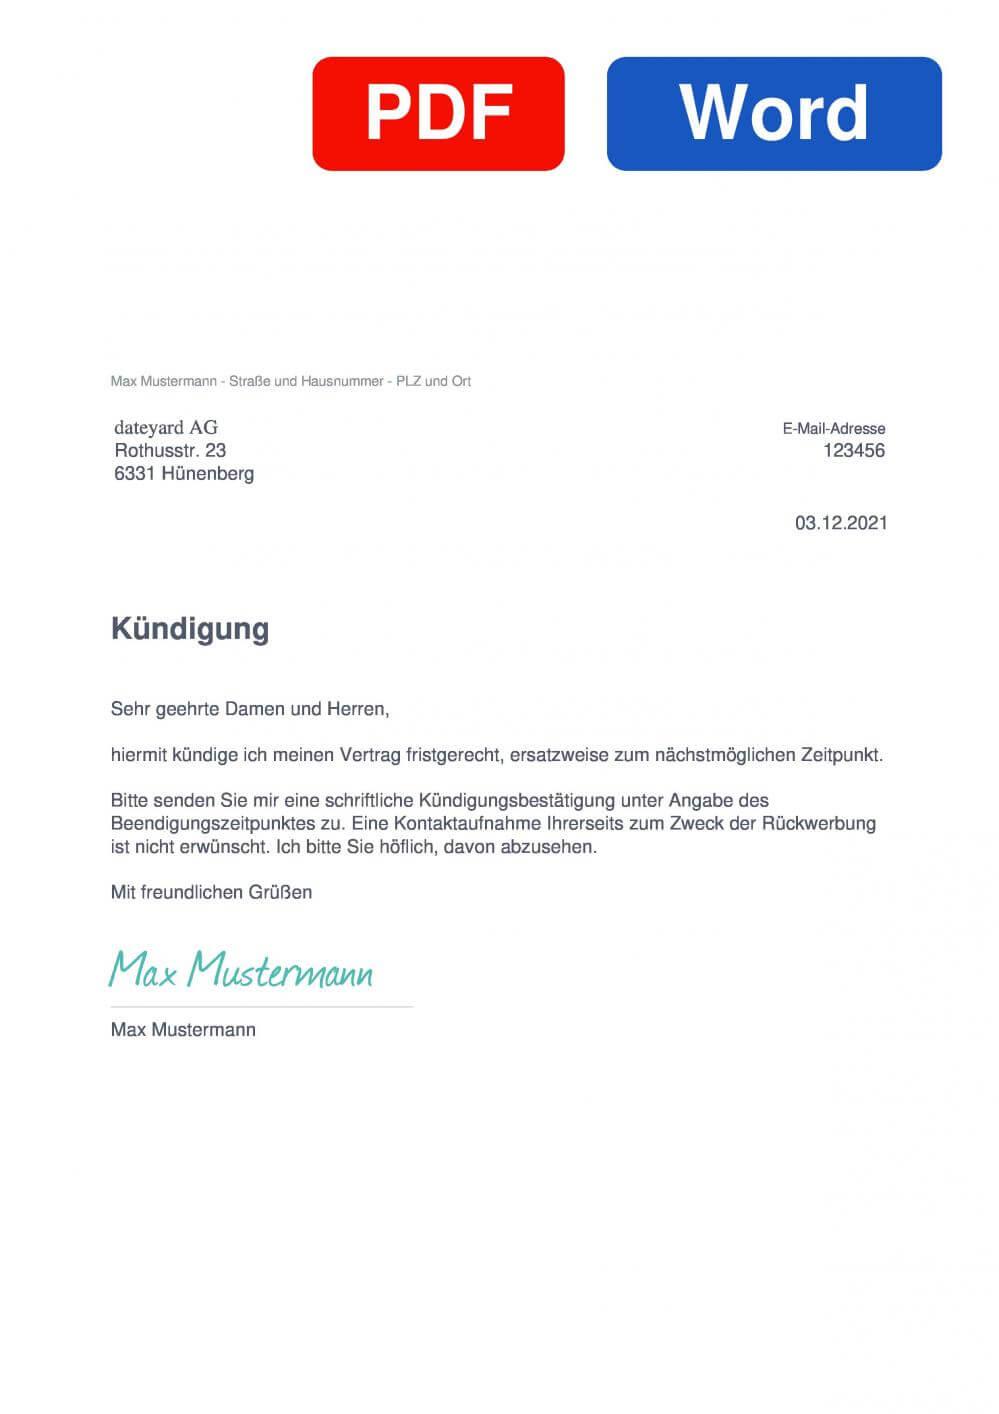 wasfickt.de Muster Vorlage für Kündigungsschreiben